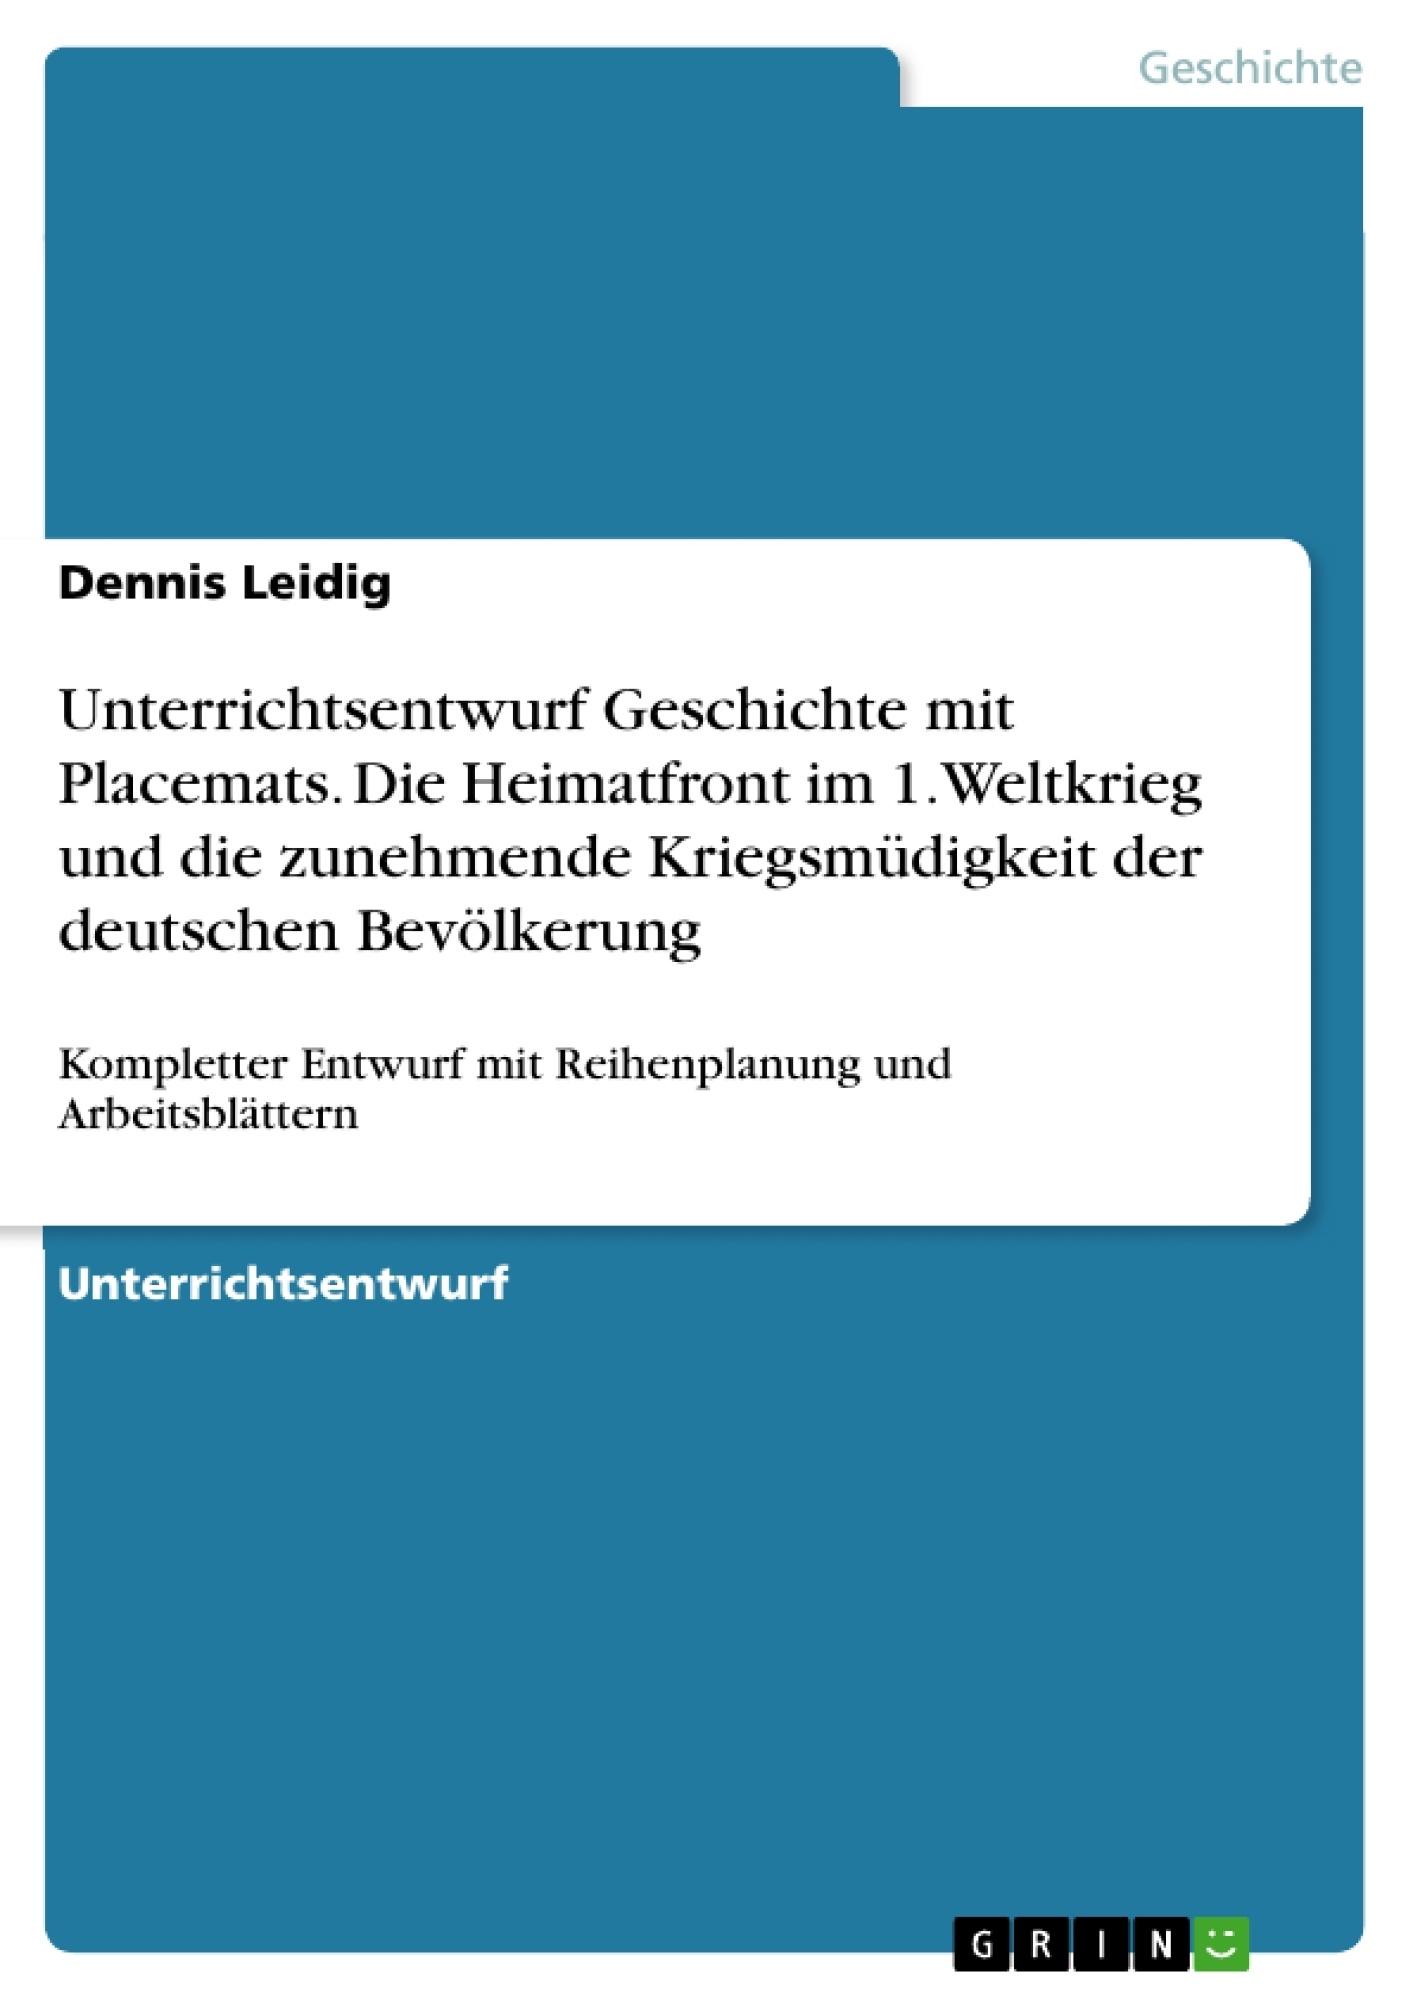 Titel: Unterrichtsentwurf Geschichte mit Placemats. Die Heimatfront im 1. Weltkrieg und die zunehmende Kriegsmüdigkeit der deutschen Bevölkerung